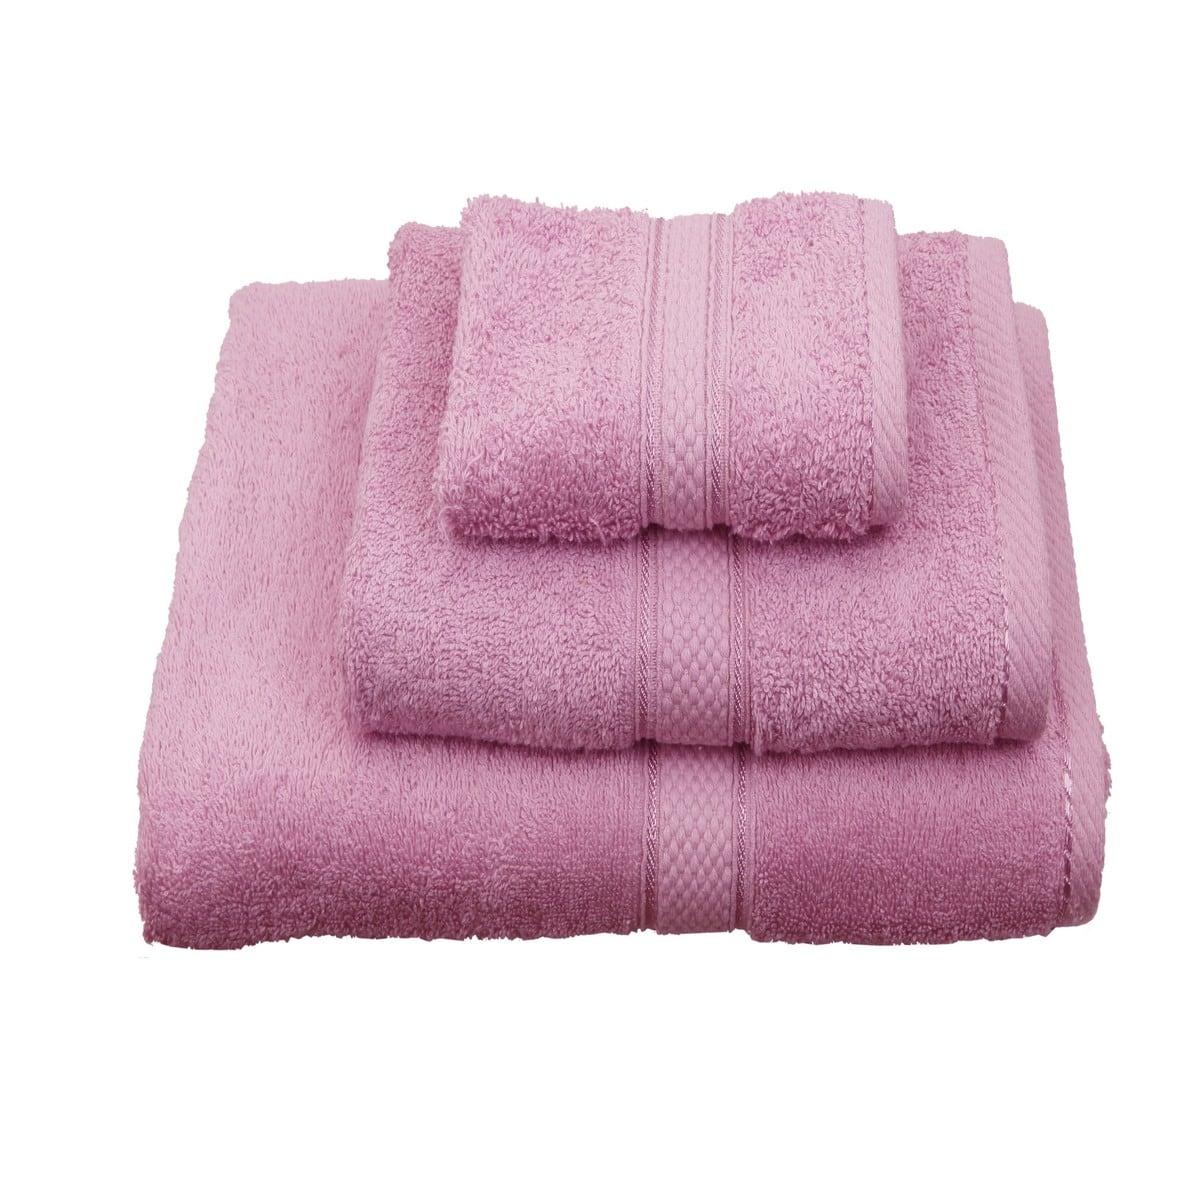 Πετσέτα Classic Pink Viopros Προσώπου 50x100cm